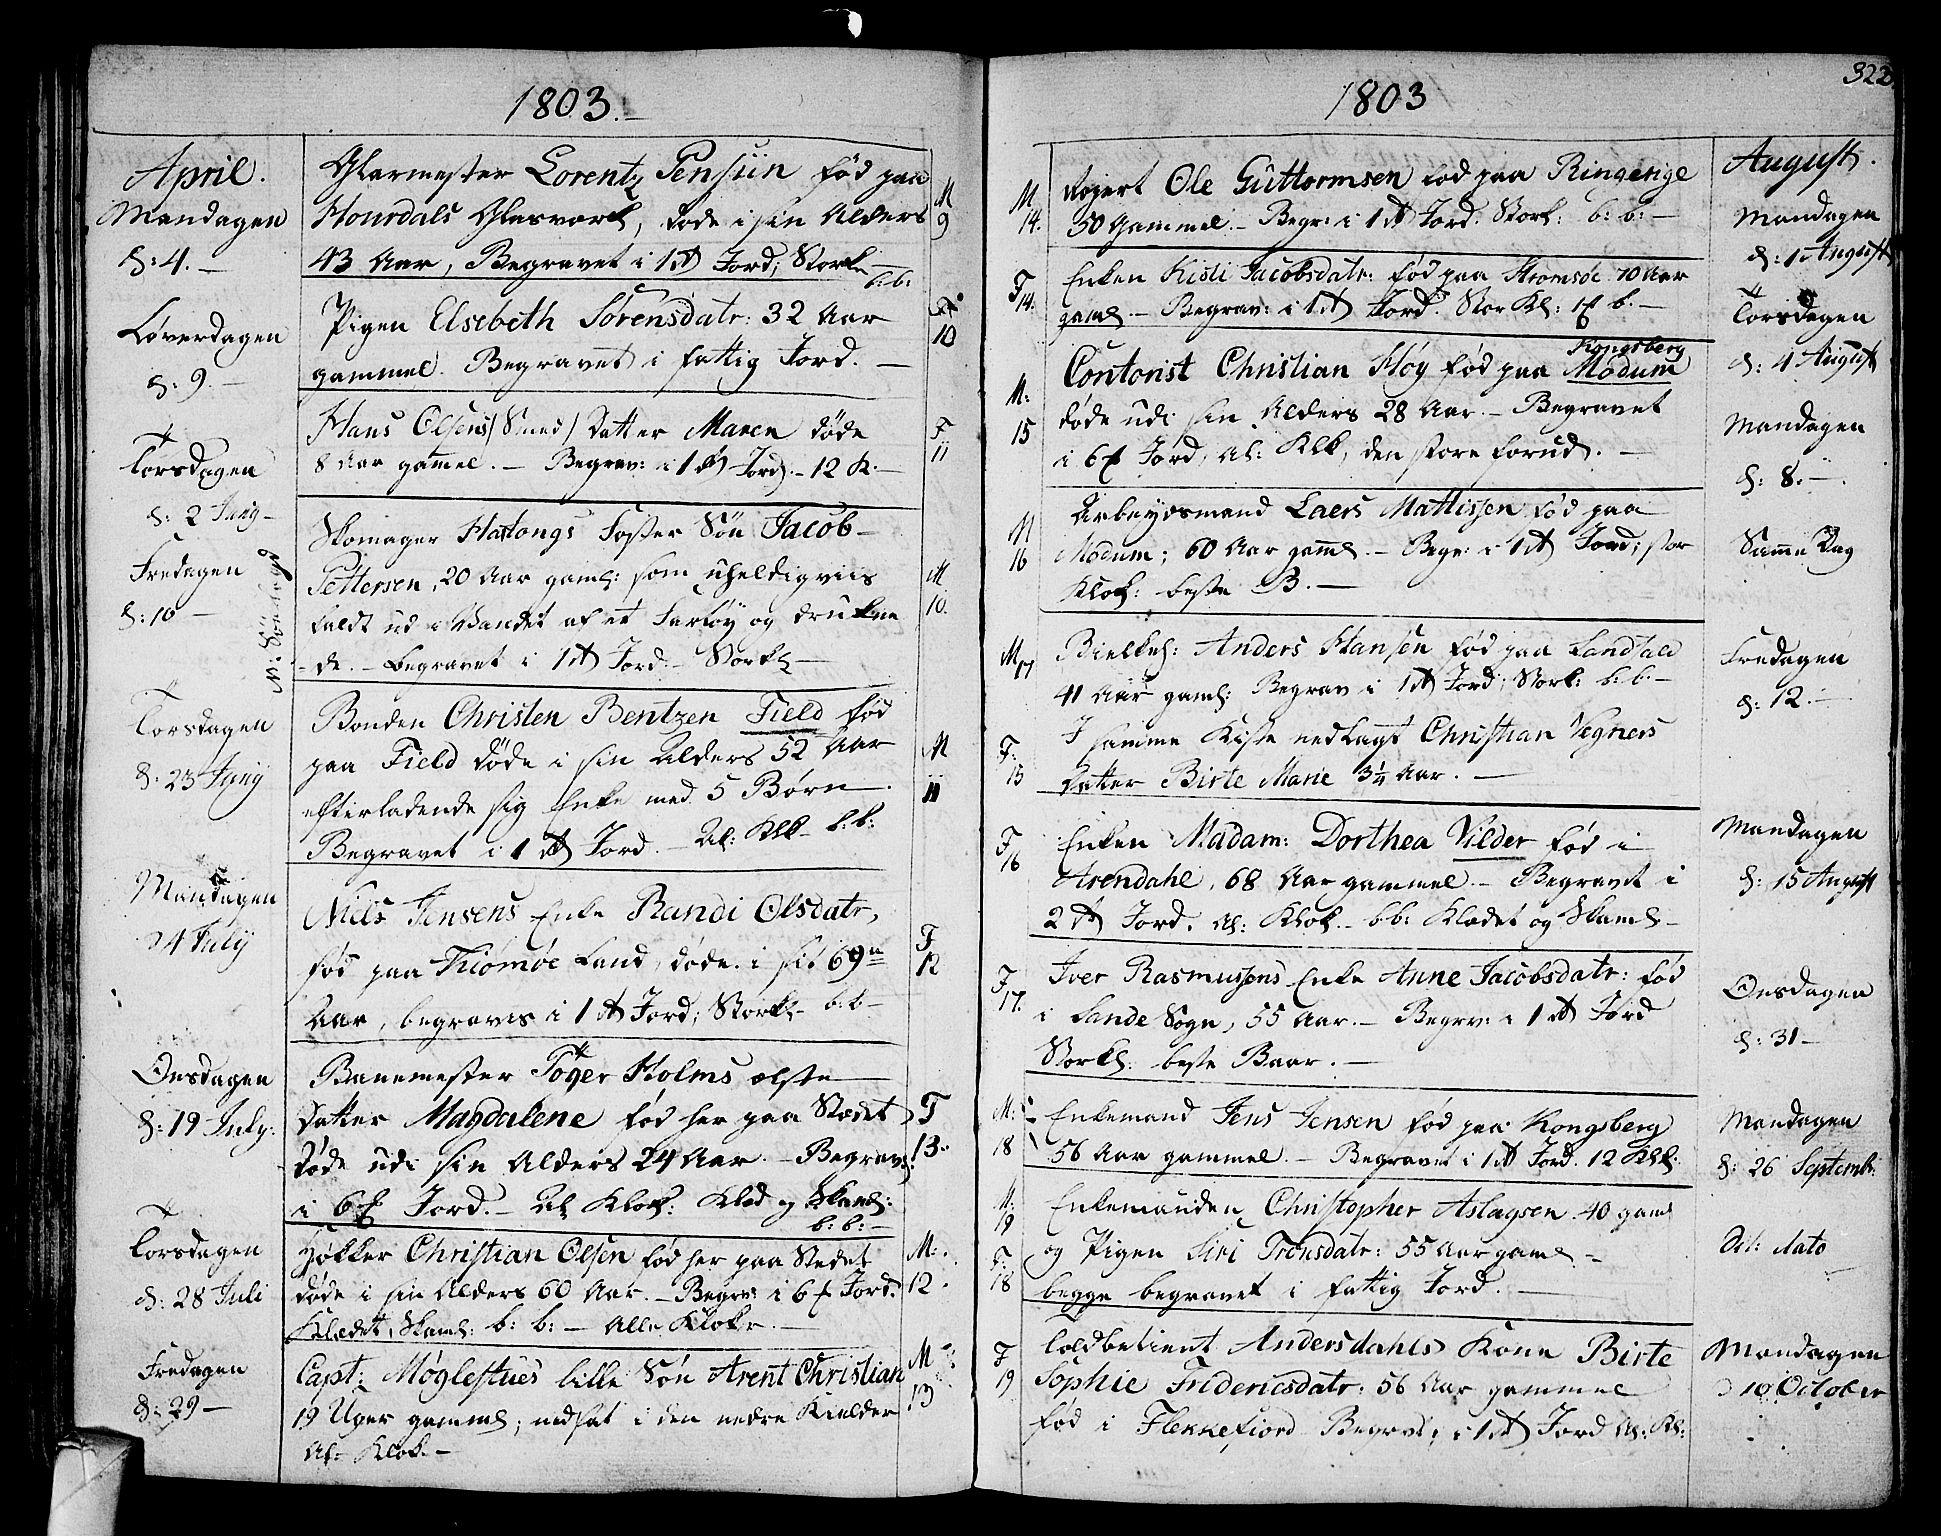 SAKO, Strømsø kirkebøker, F/Fa/L0010: Ministerialbok nr. I 10, 1792-1822, s. 323